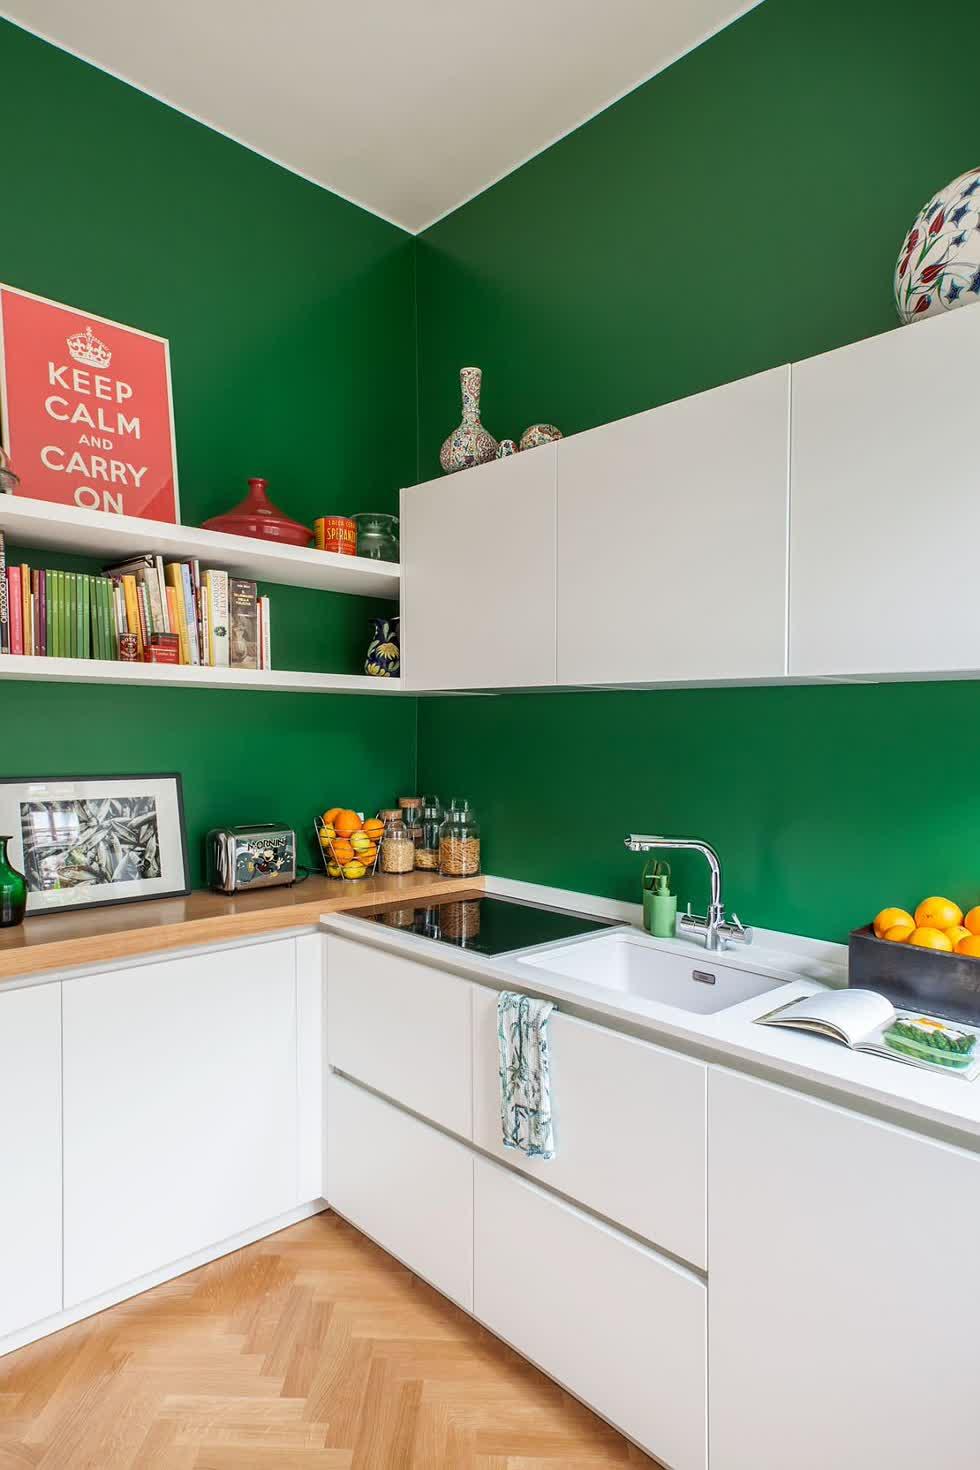 Bức tường màu xanh đậm cho nhà bếp nhỏ theo phong cách Scandinavia với tủ màu trắng.